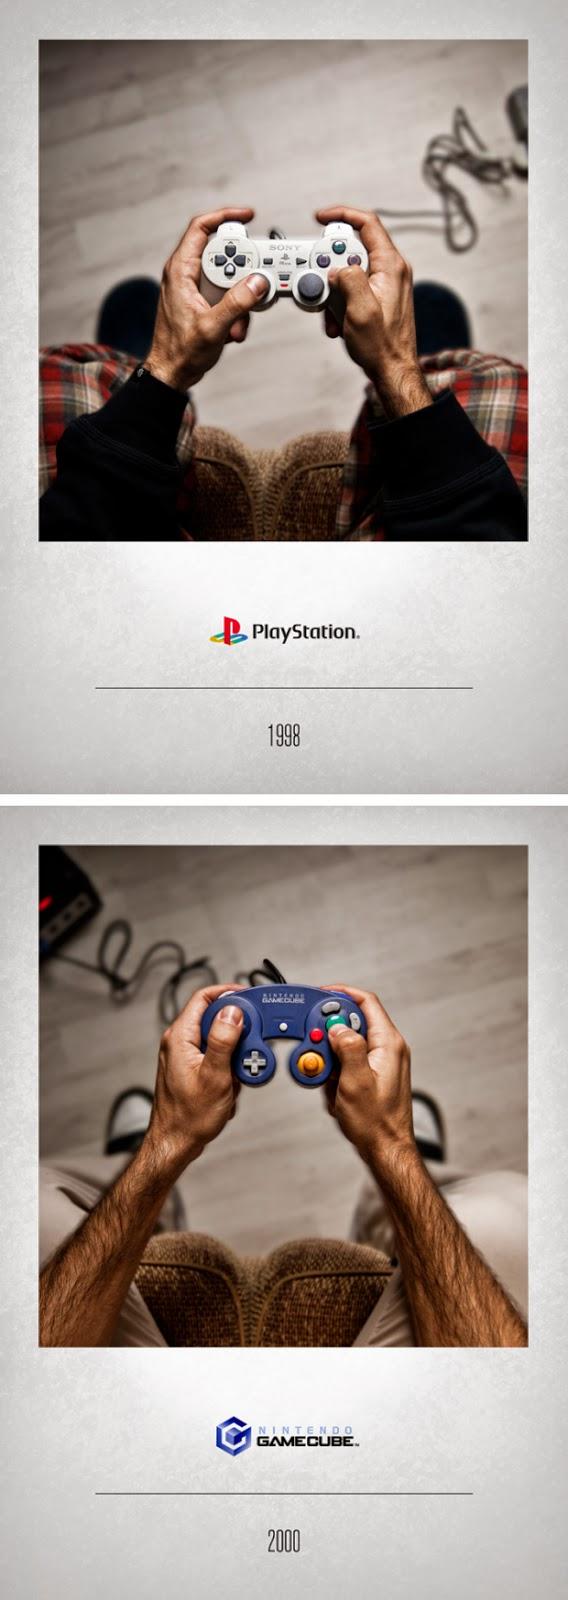 Controles de videojuegos a través de los años